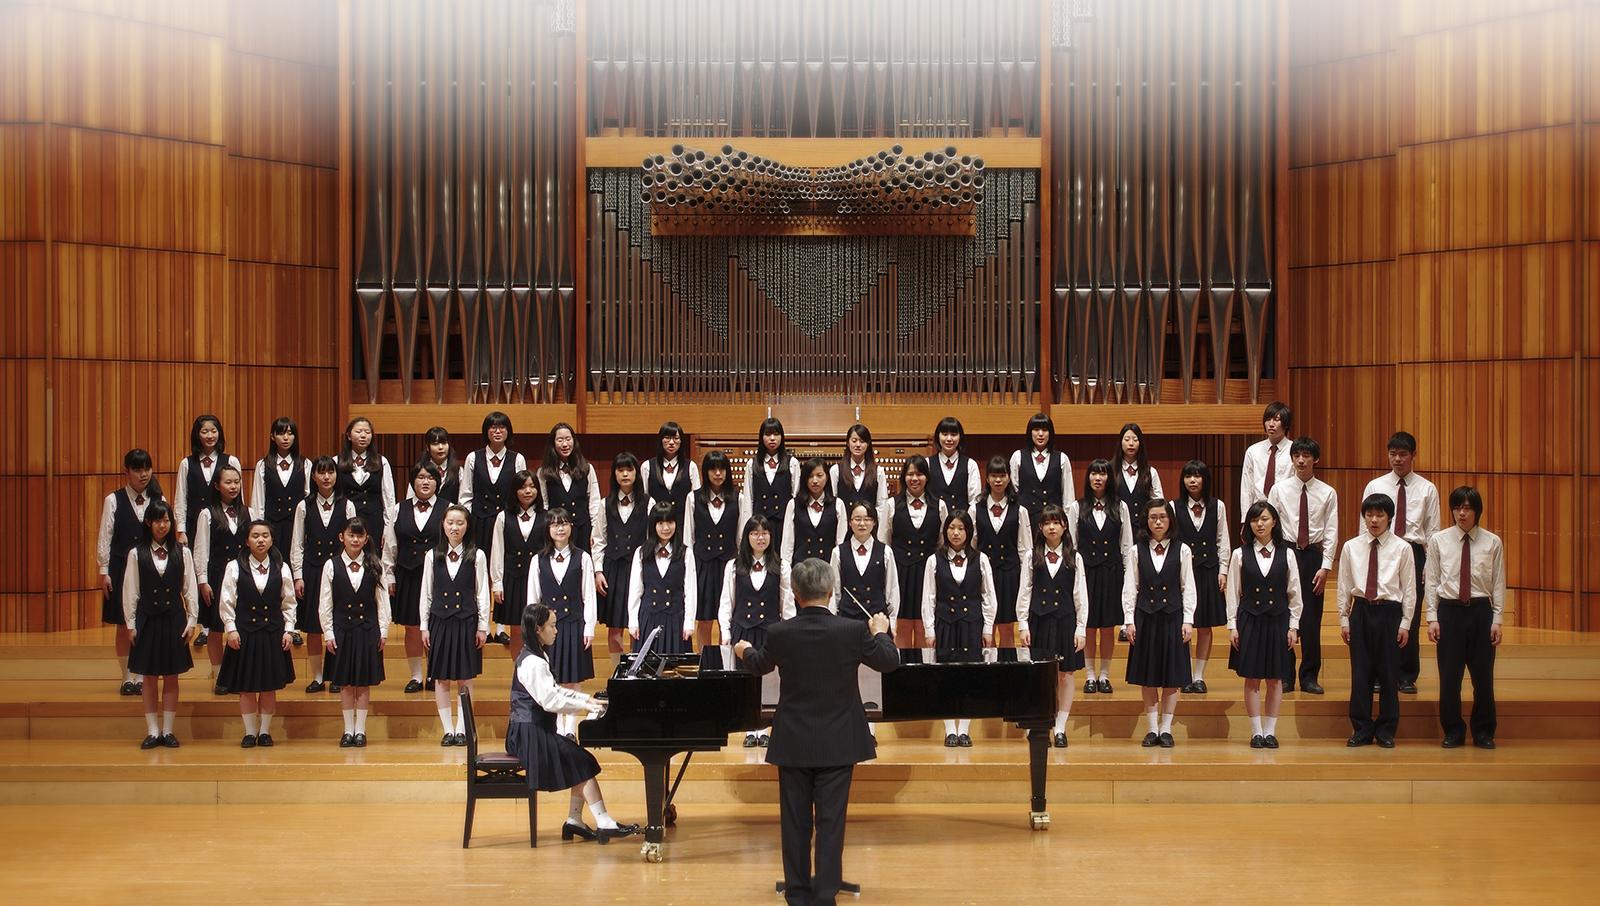 武蔵野 音楽 大学 附属 高校 音楽 科